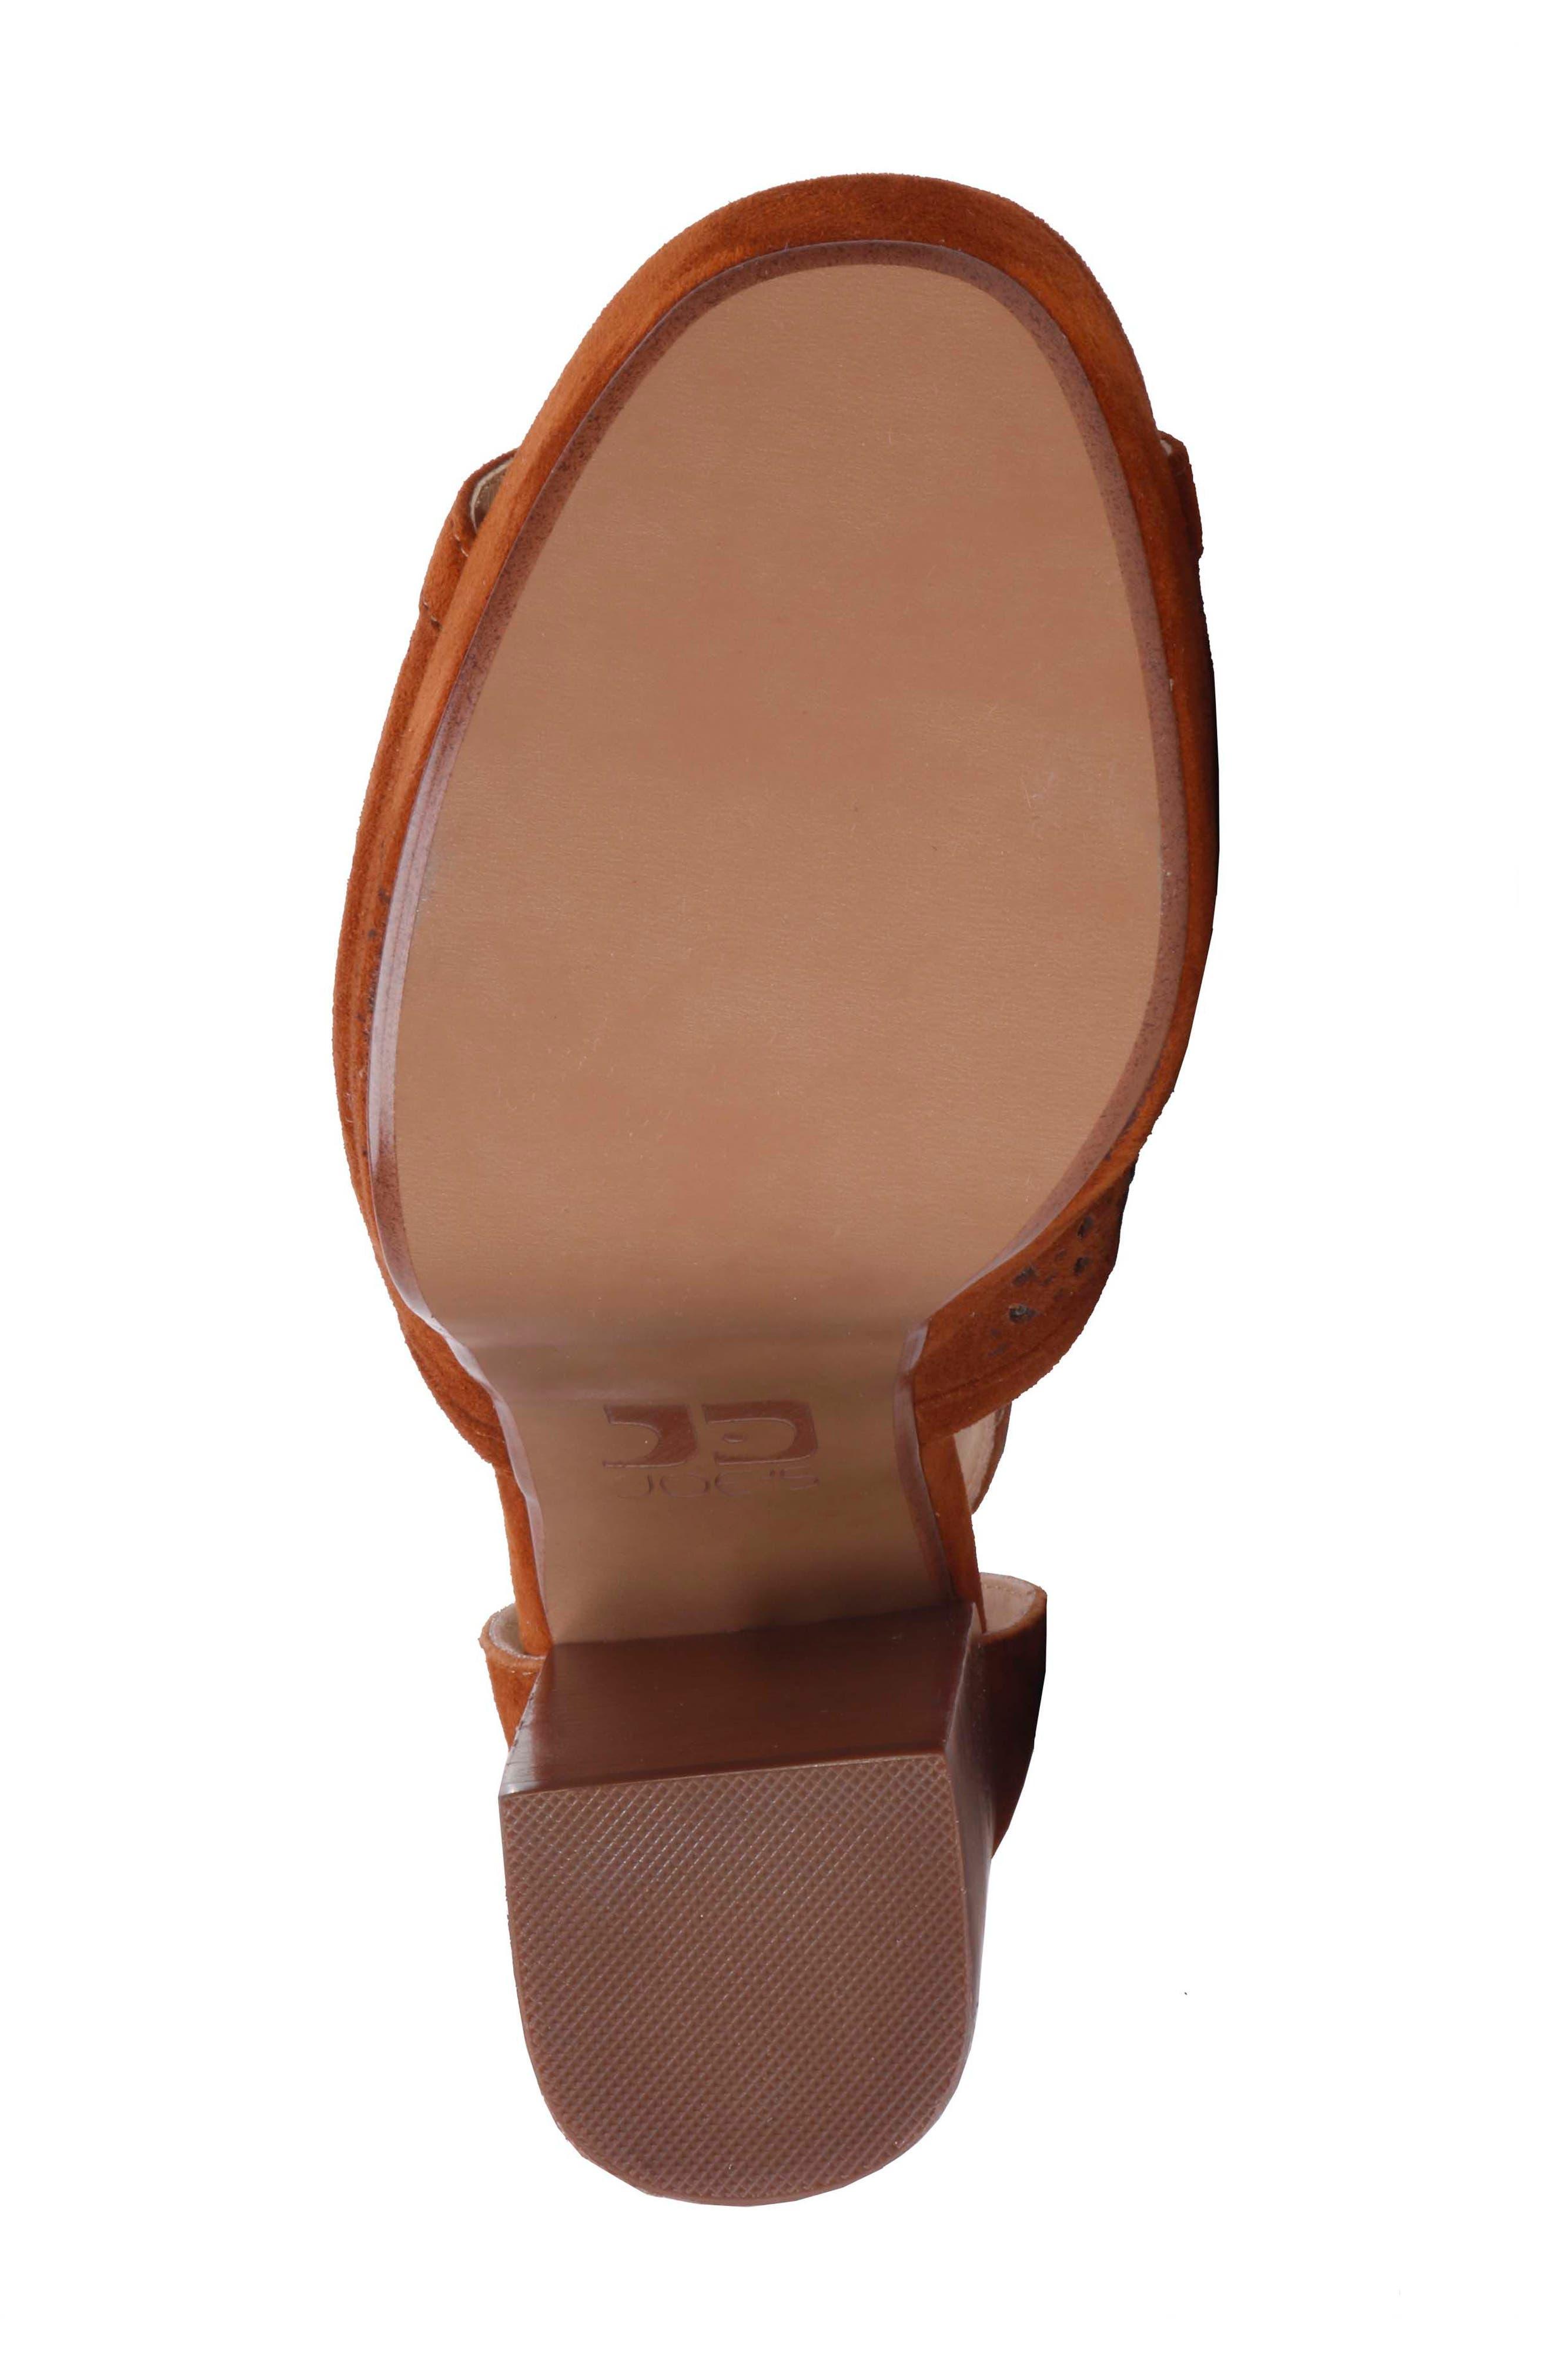 Lorne Platform Sandal,                             Alternate thumbnail 5, color,                             Camel Suede